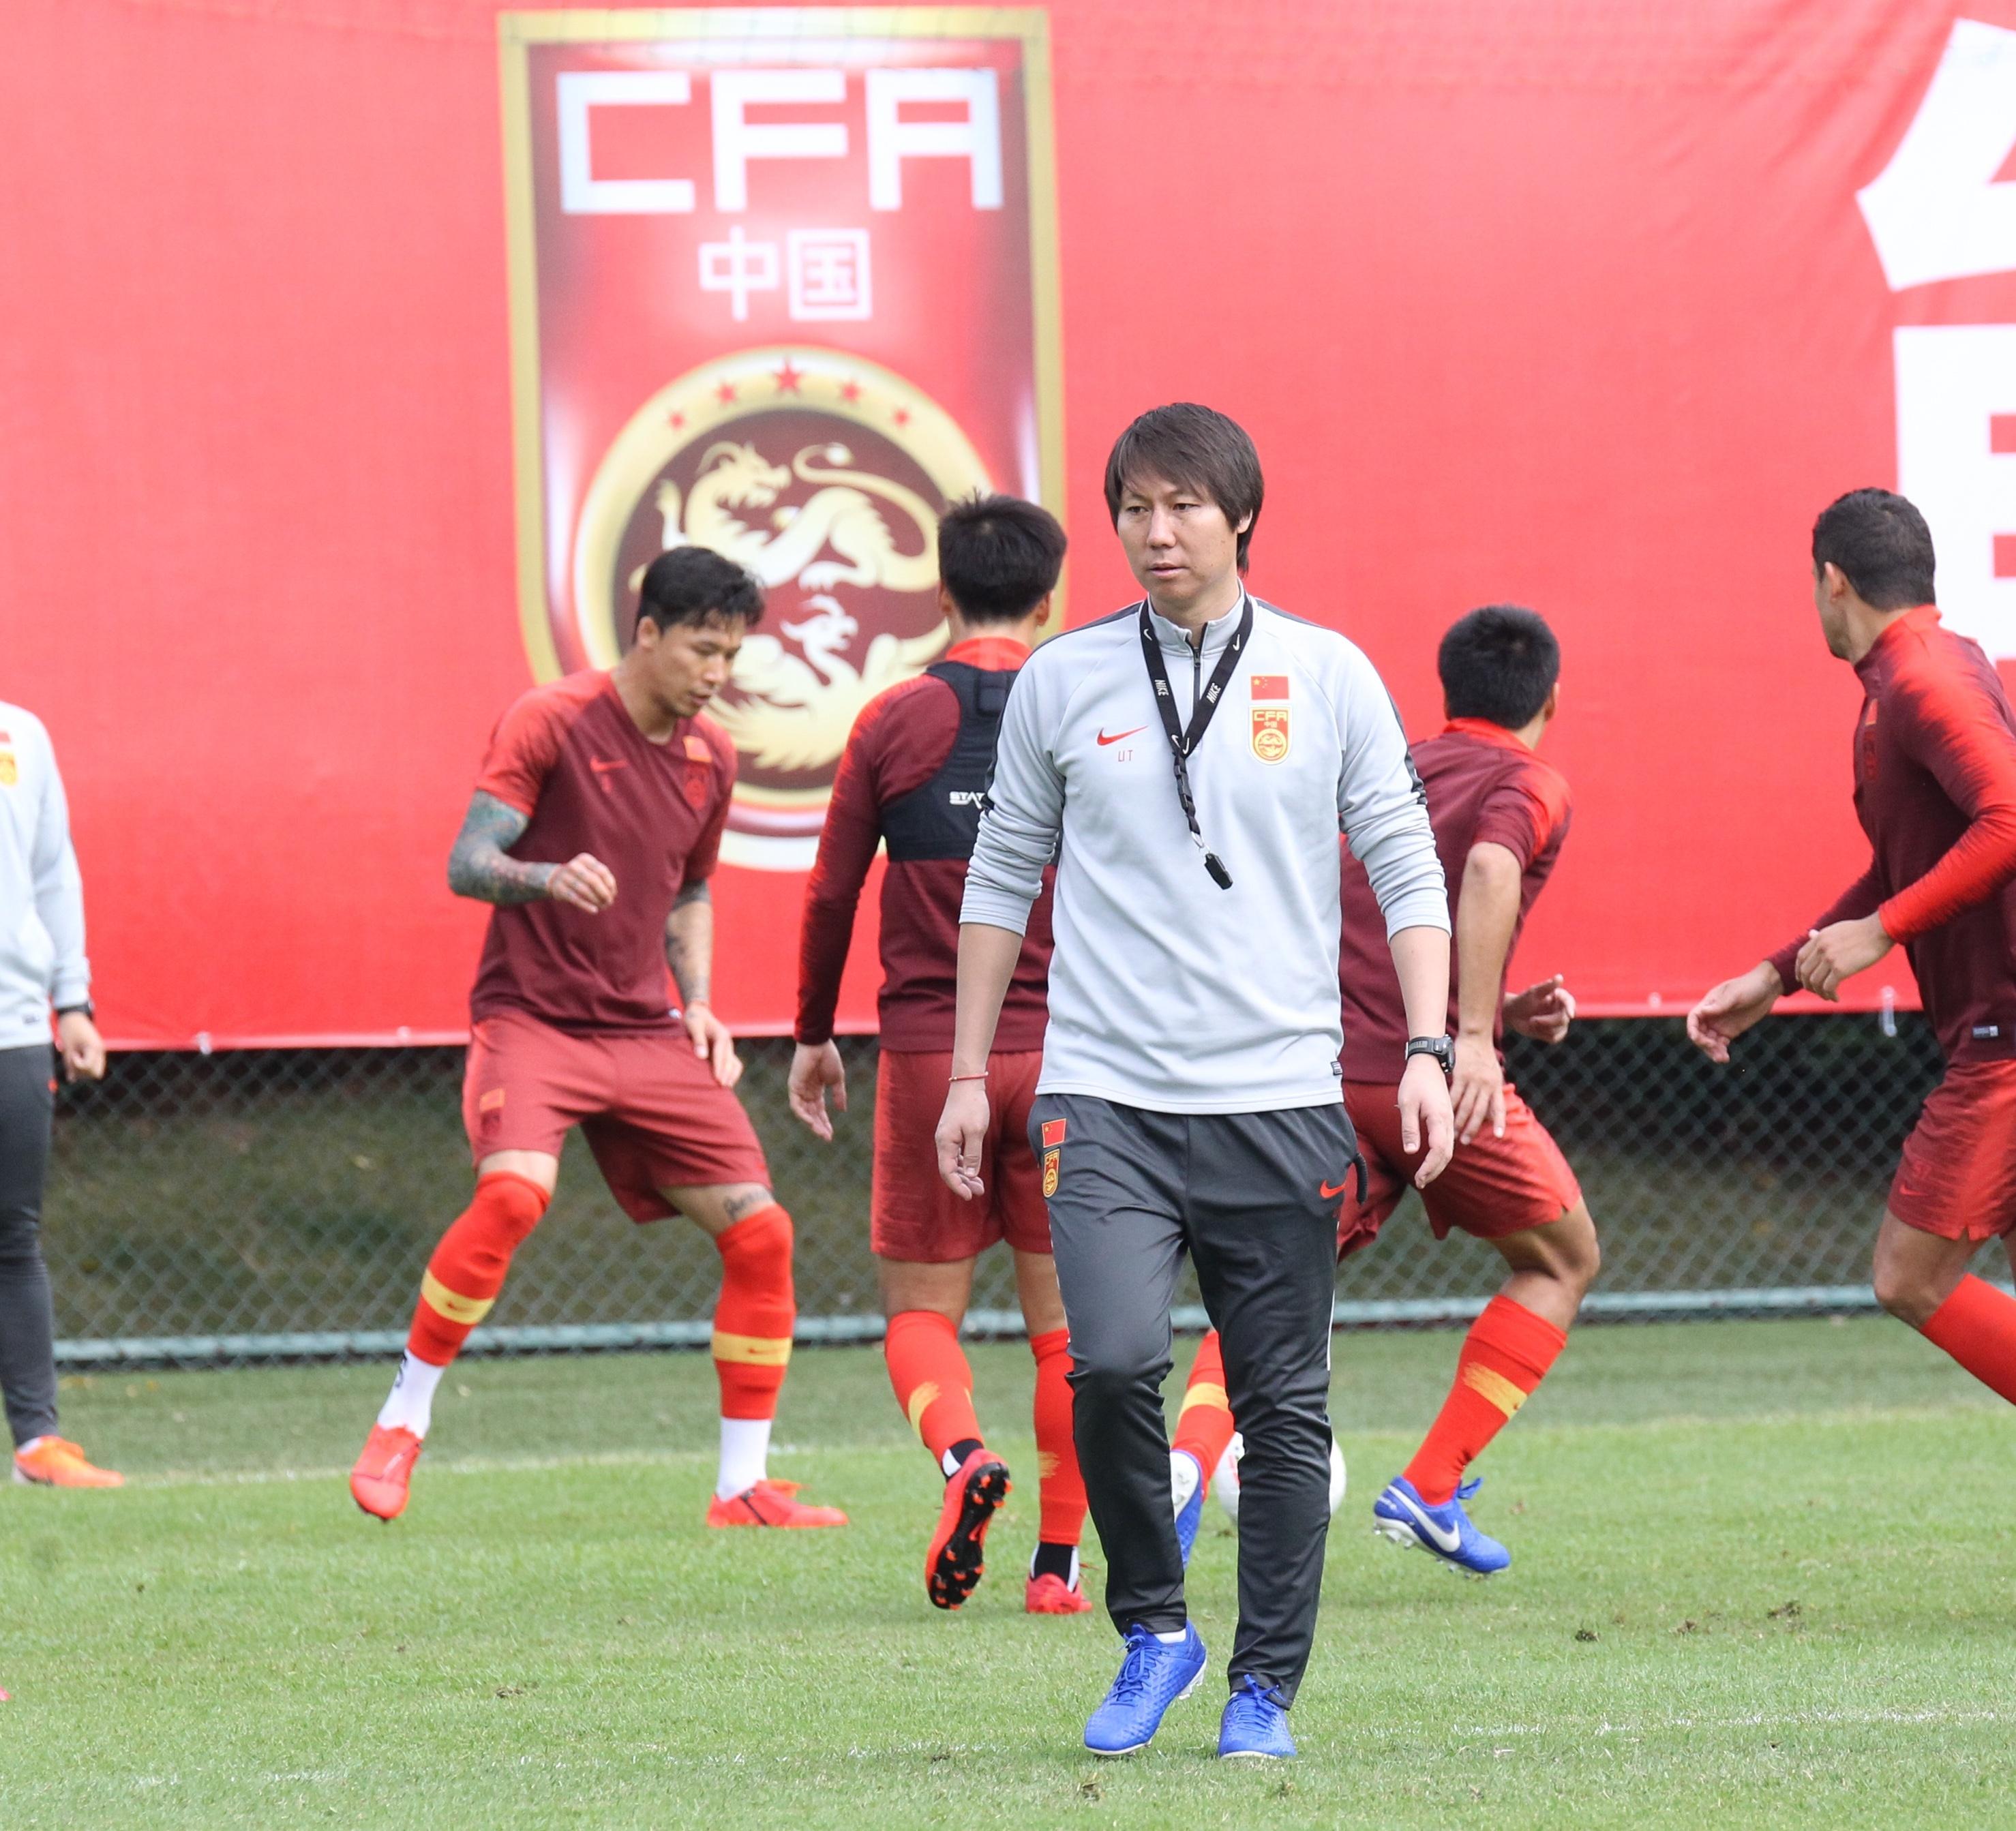 李铁奔赴西班牙与武磊相见 将观战欧联杯比赛